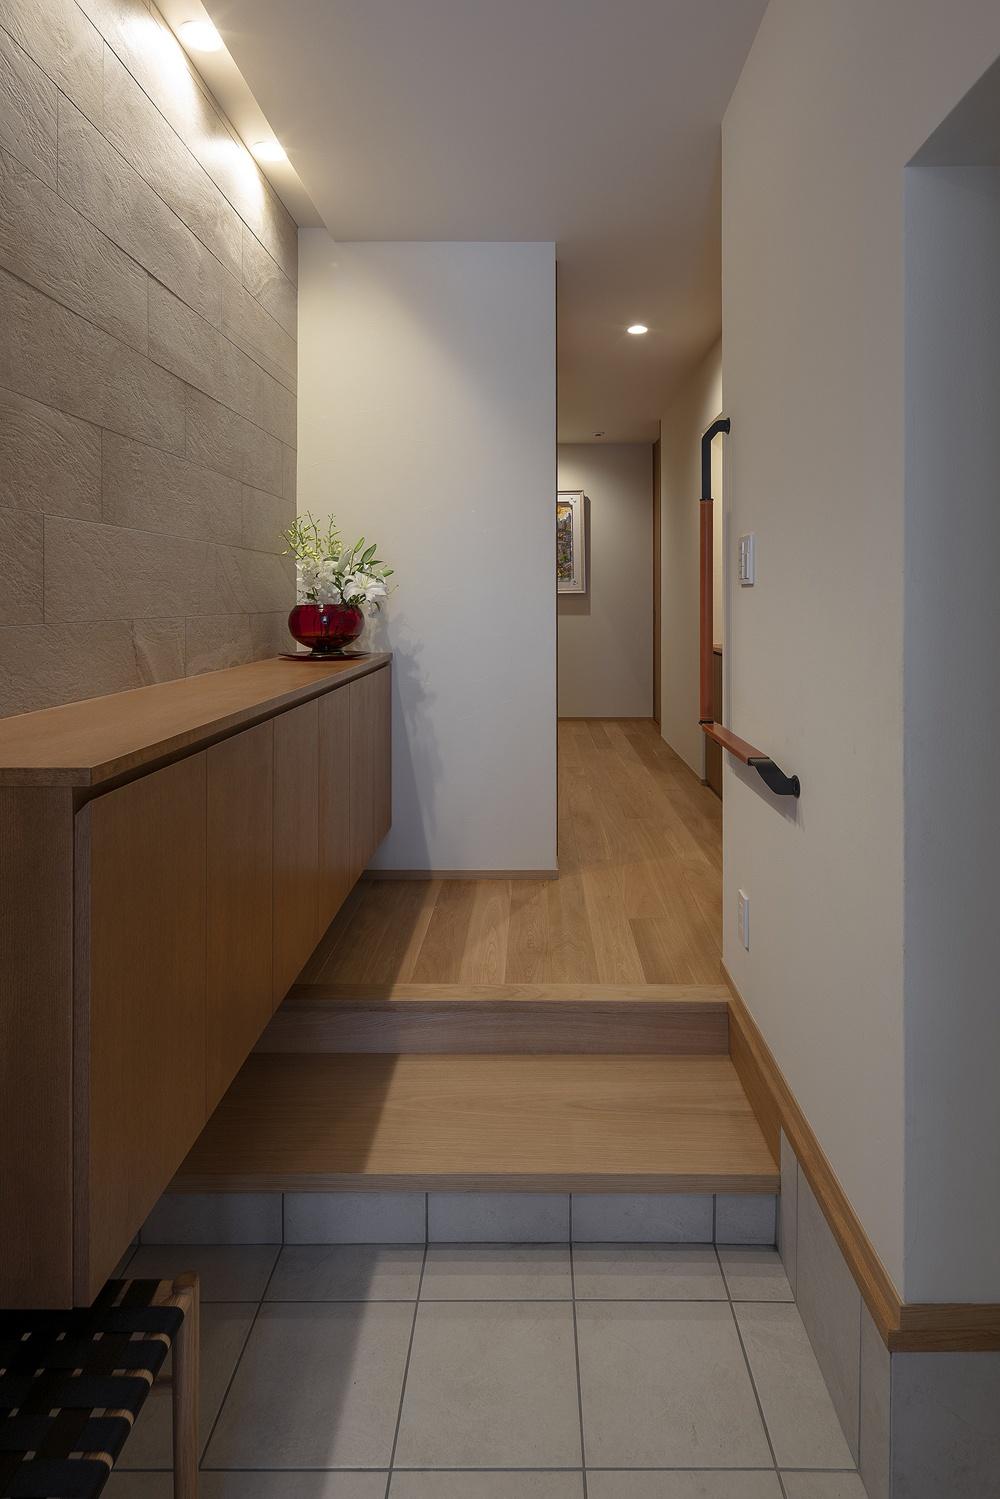 【二世帯住宅のコツ7】将来を見据えた、親世代に優しい設計を採用する